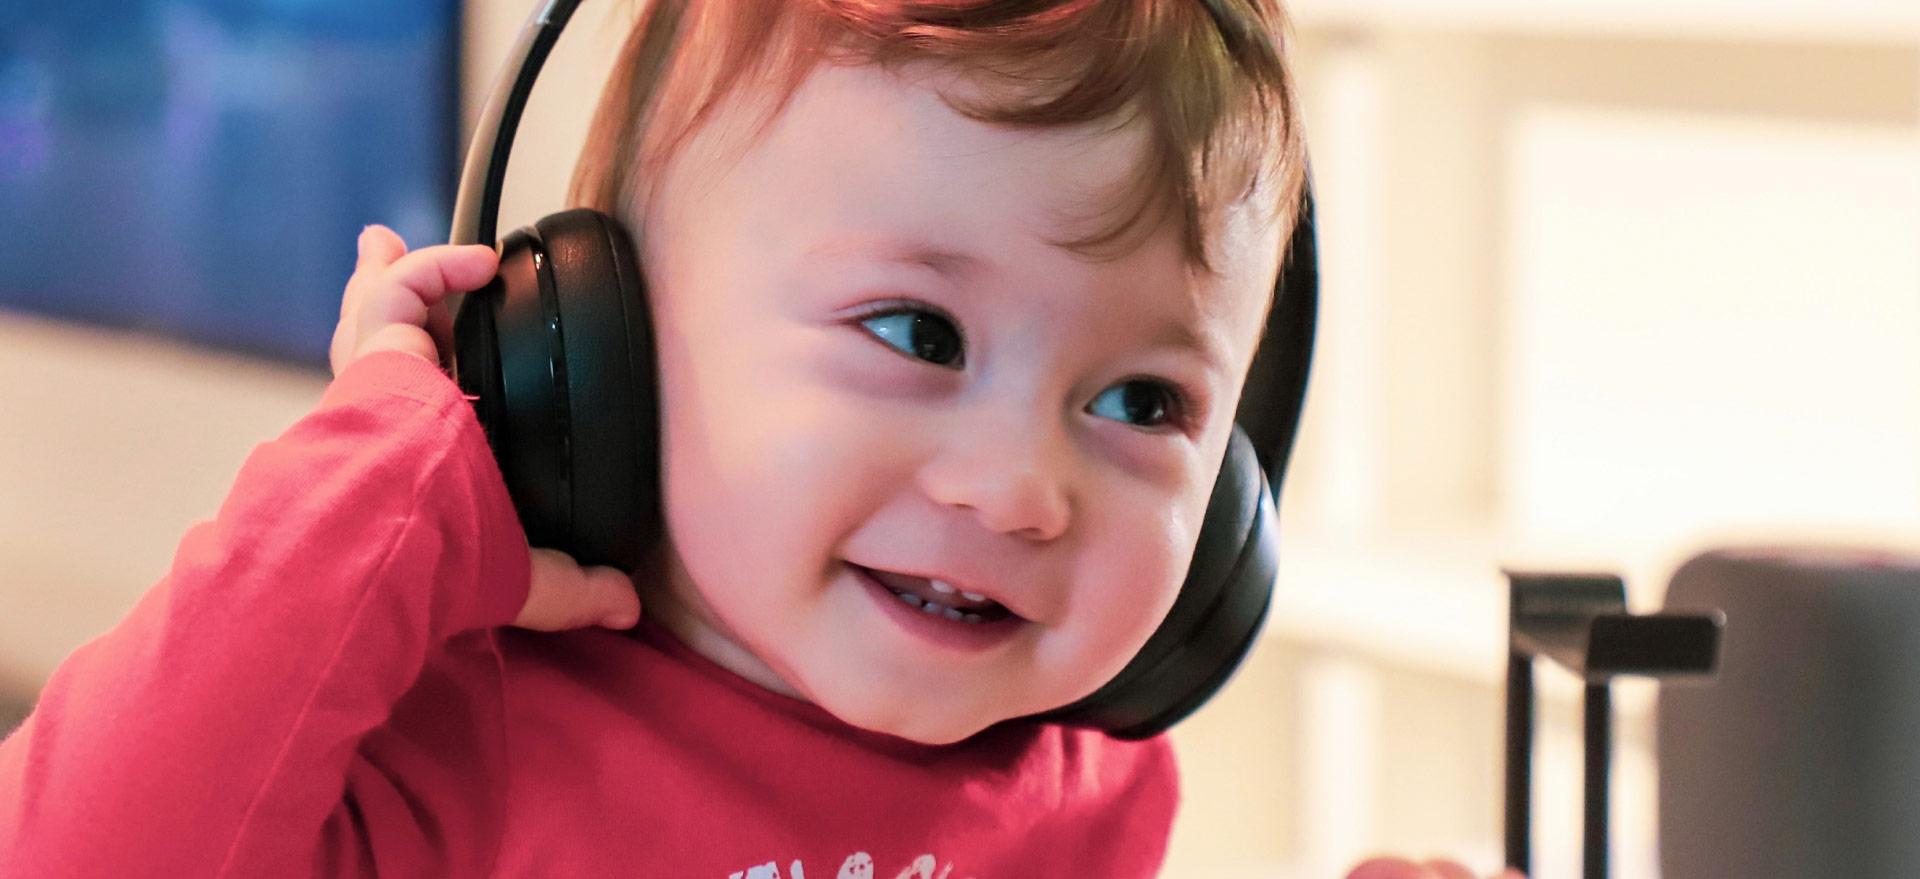 Cuentazos con efectazos   Audio